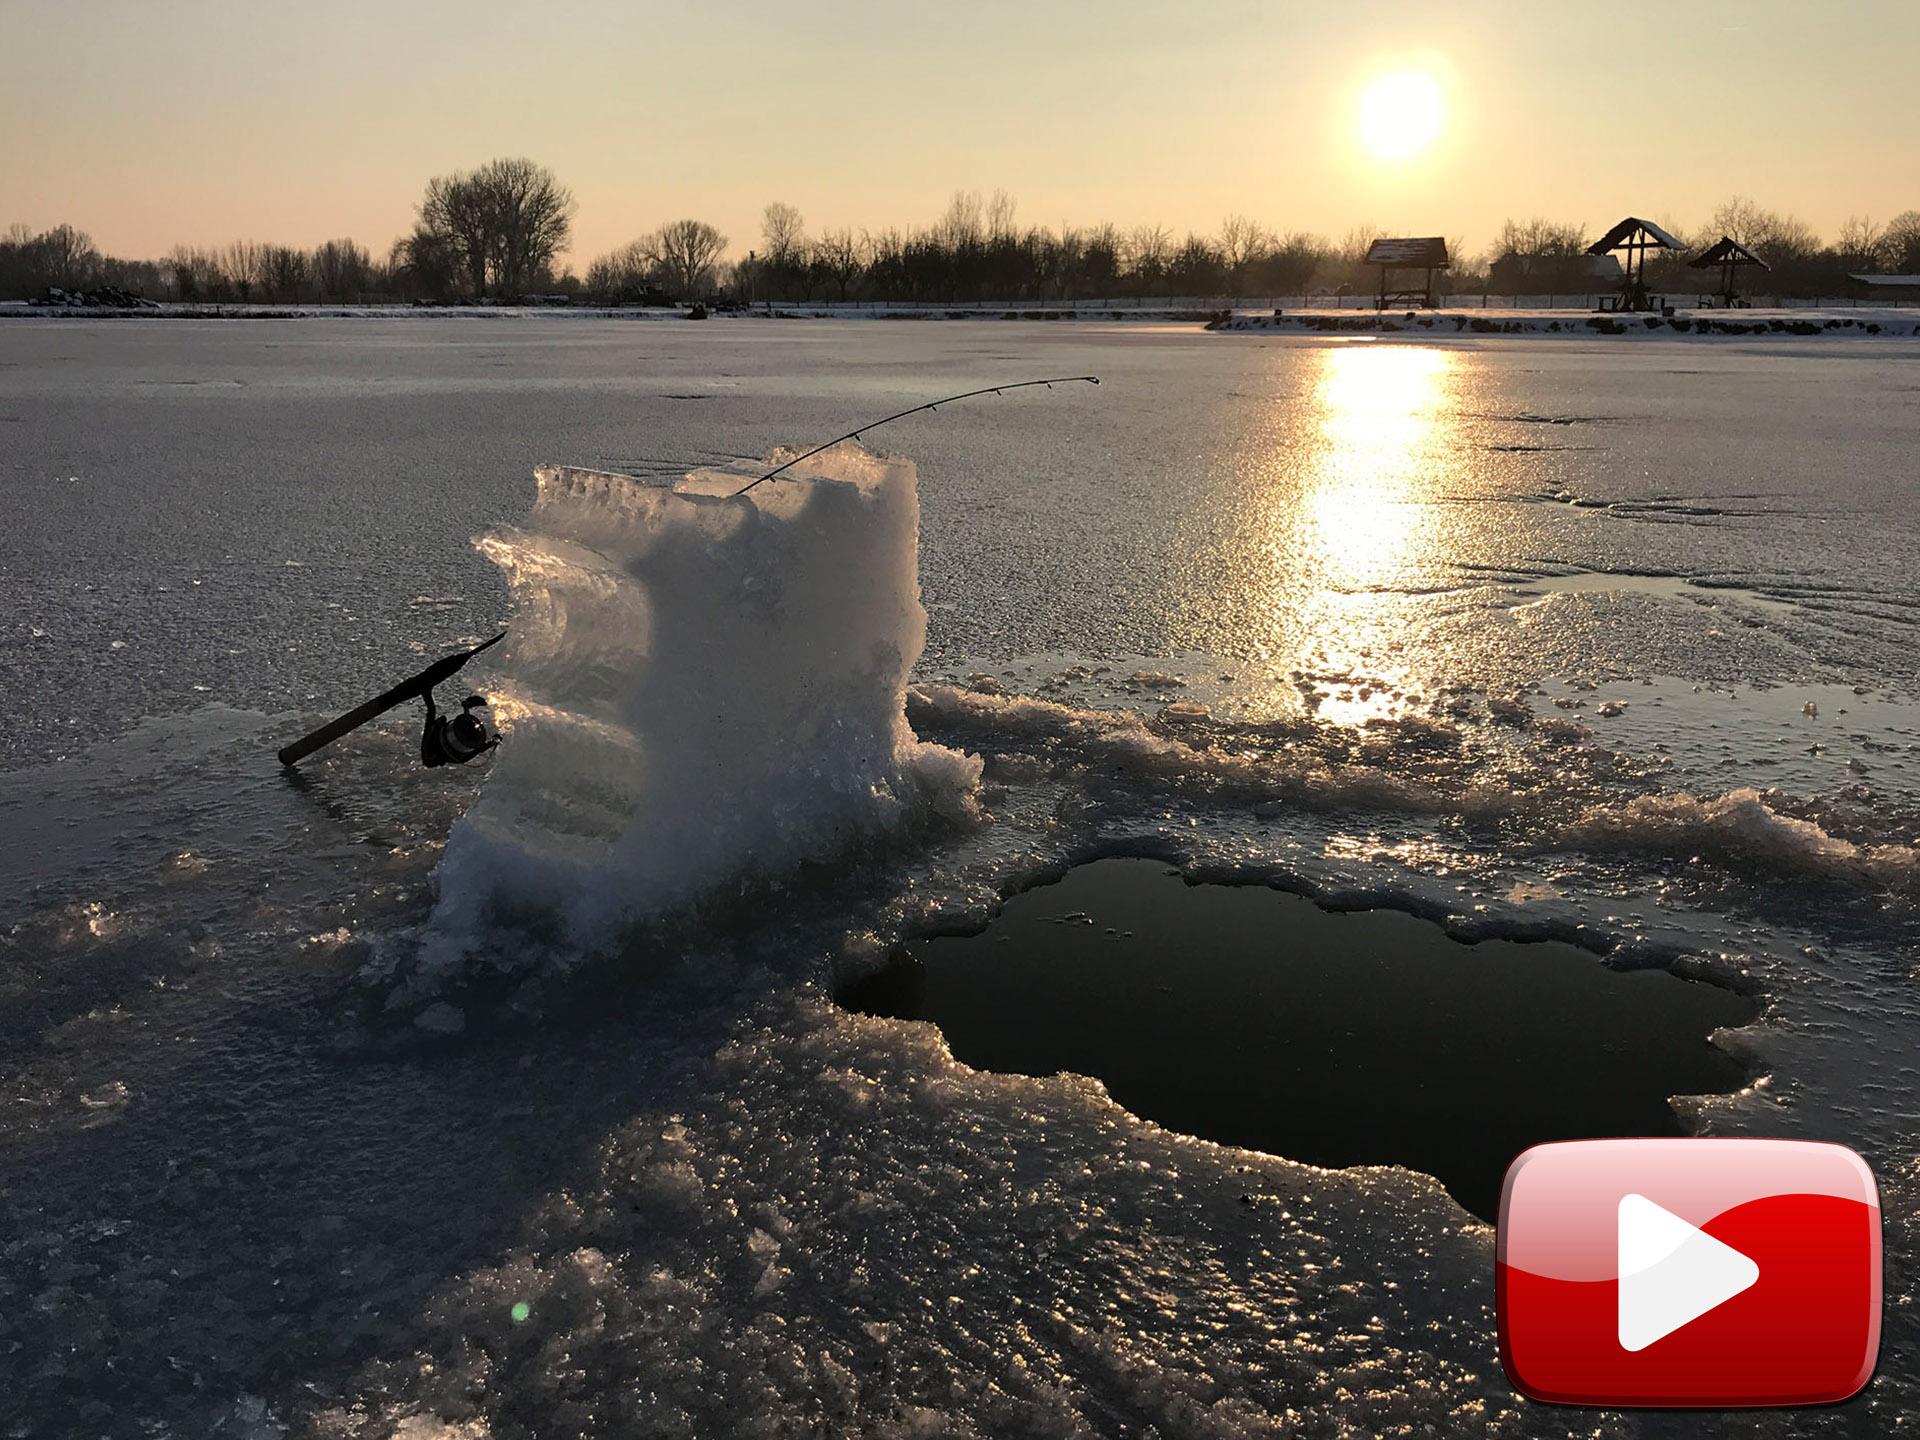 Hideg vízi pontyhorgászat feederrel 18. rész – Léki pontyhorgászat